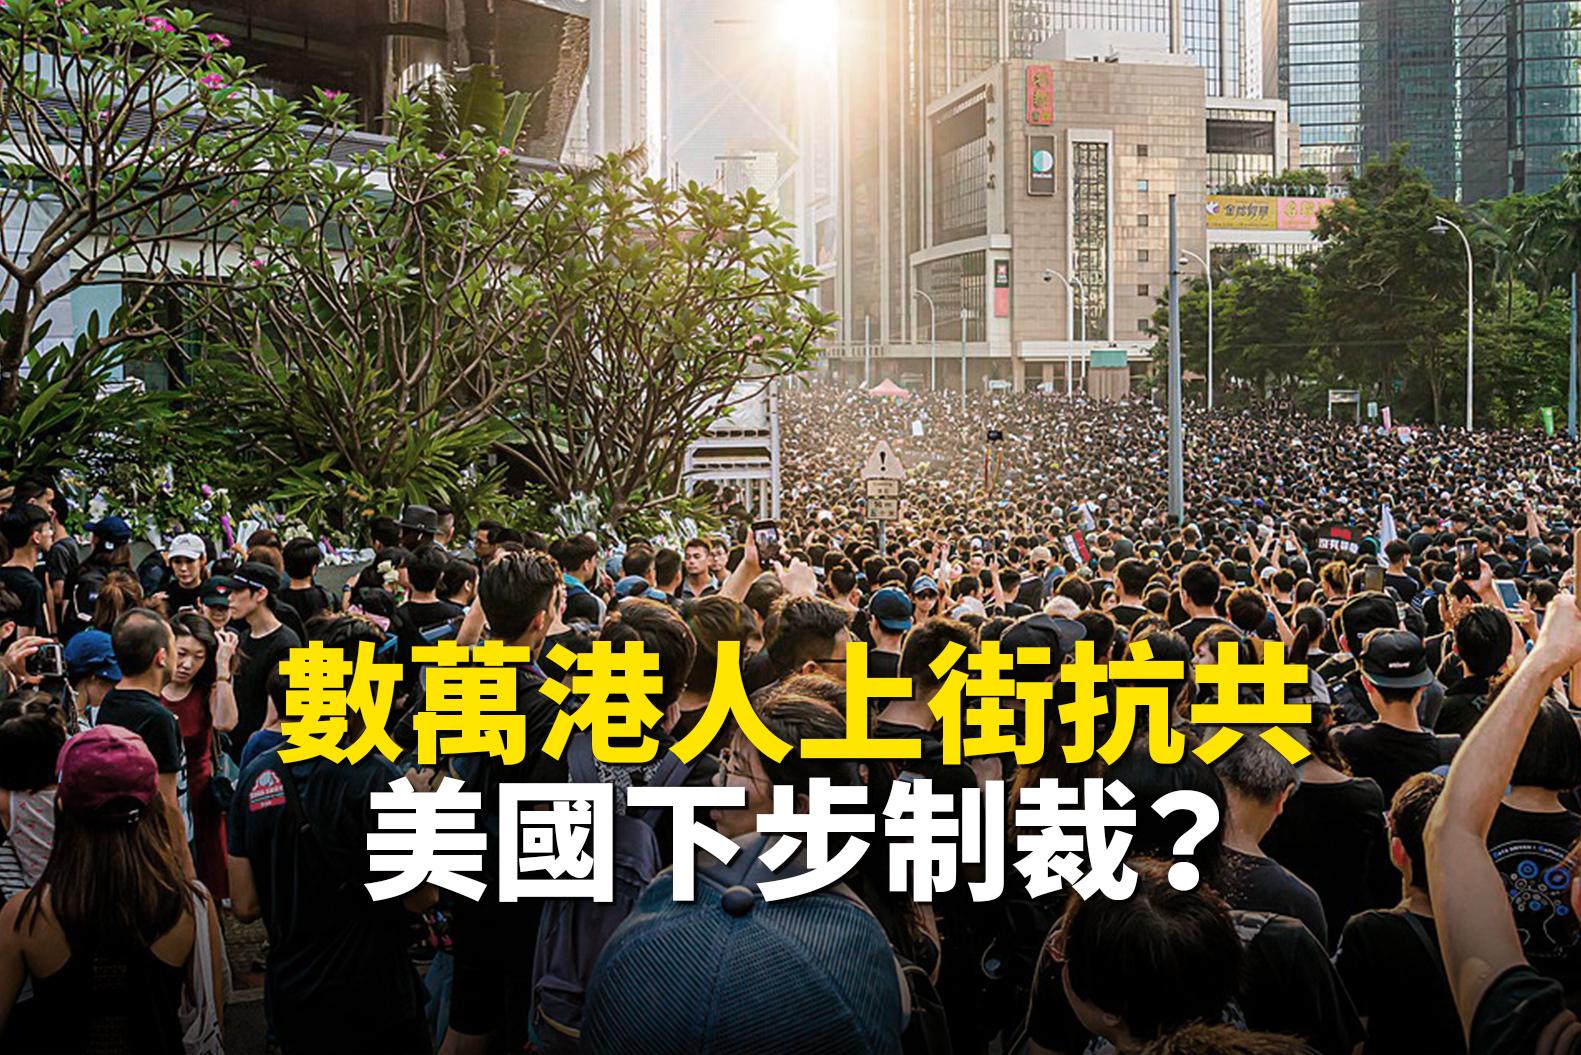 數萬港人上街抗議,北京爭取不到港人的心,美國下一步的制裁?(大紀元合成)